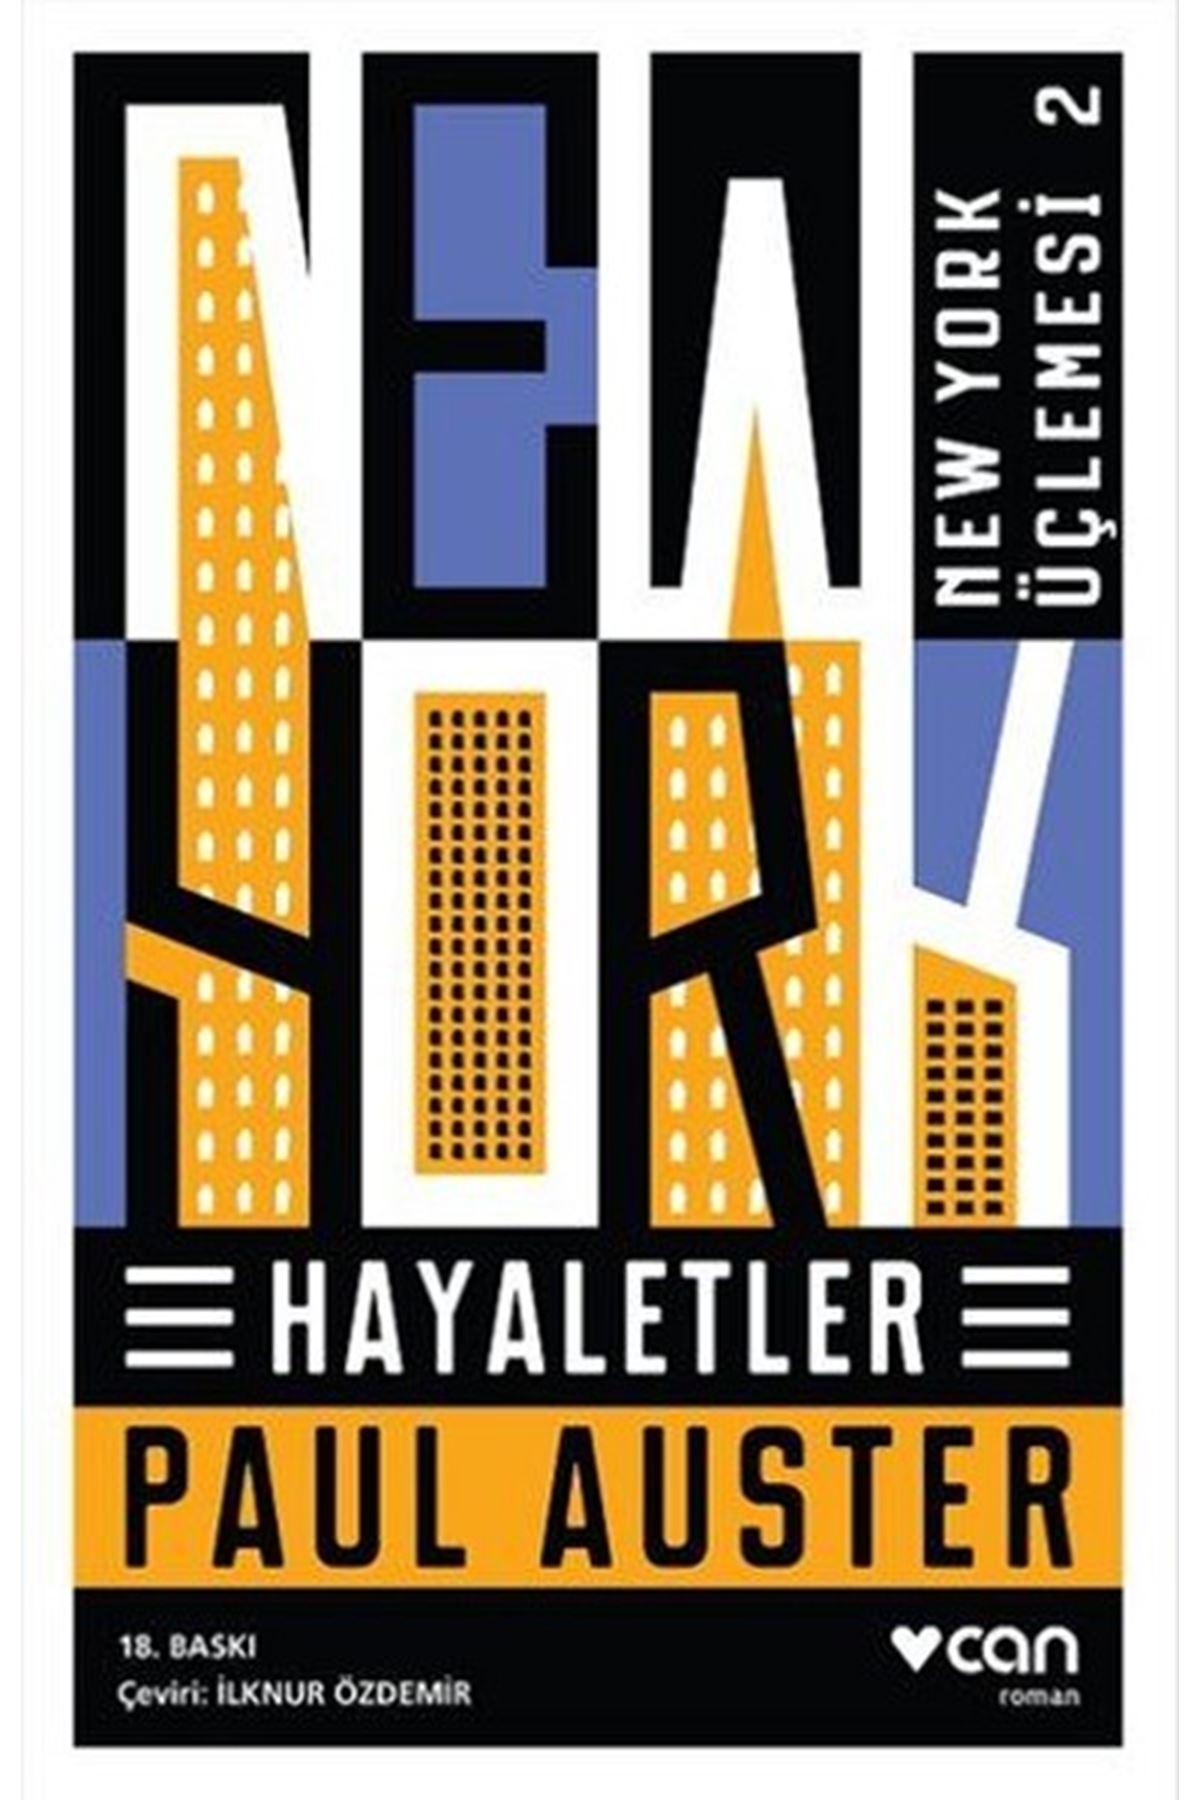 PAUL AUSTER - HAYALETLER NEW YORK ÜÇLEMESİ 2